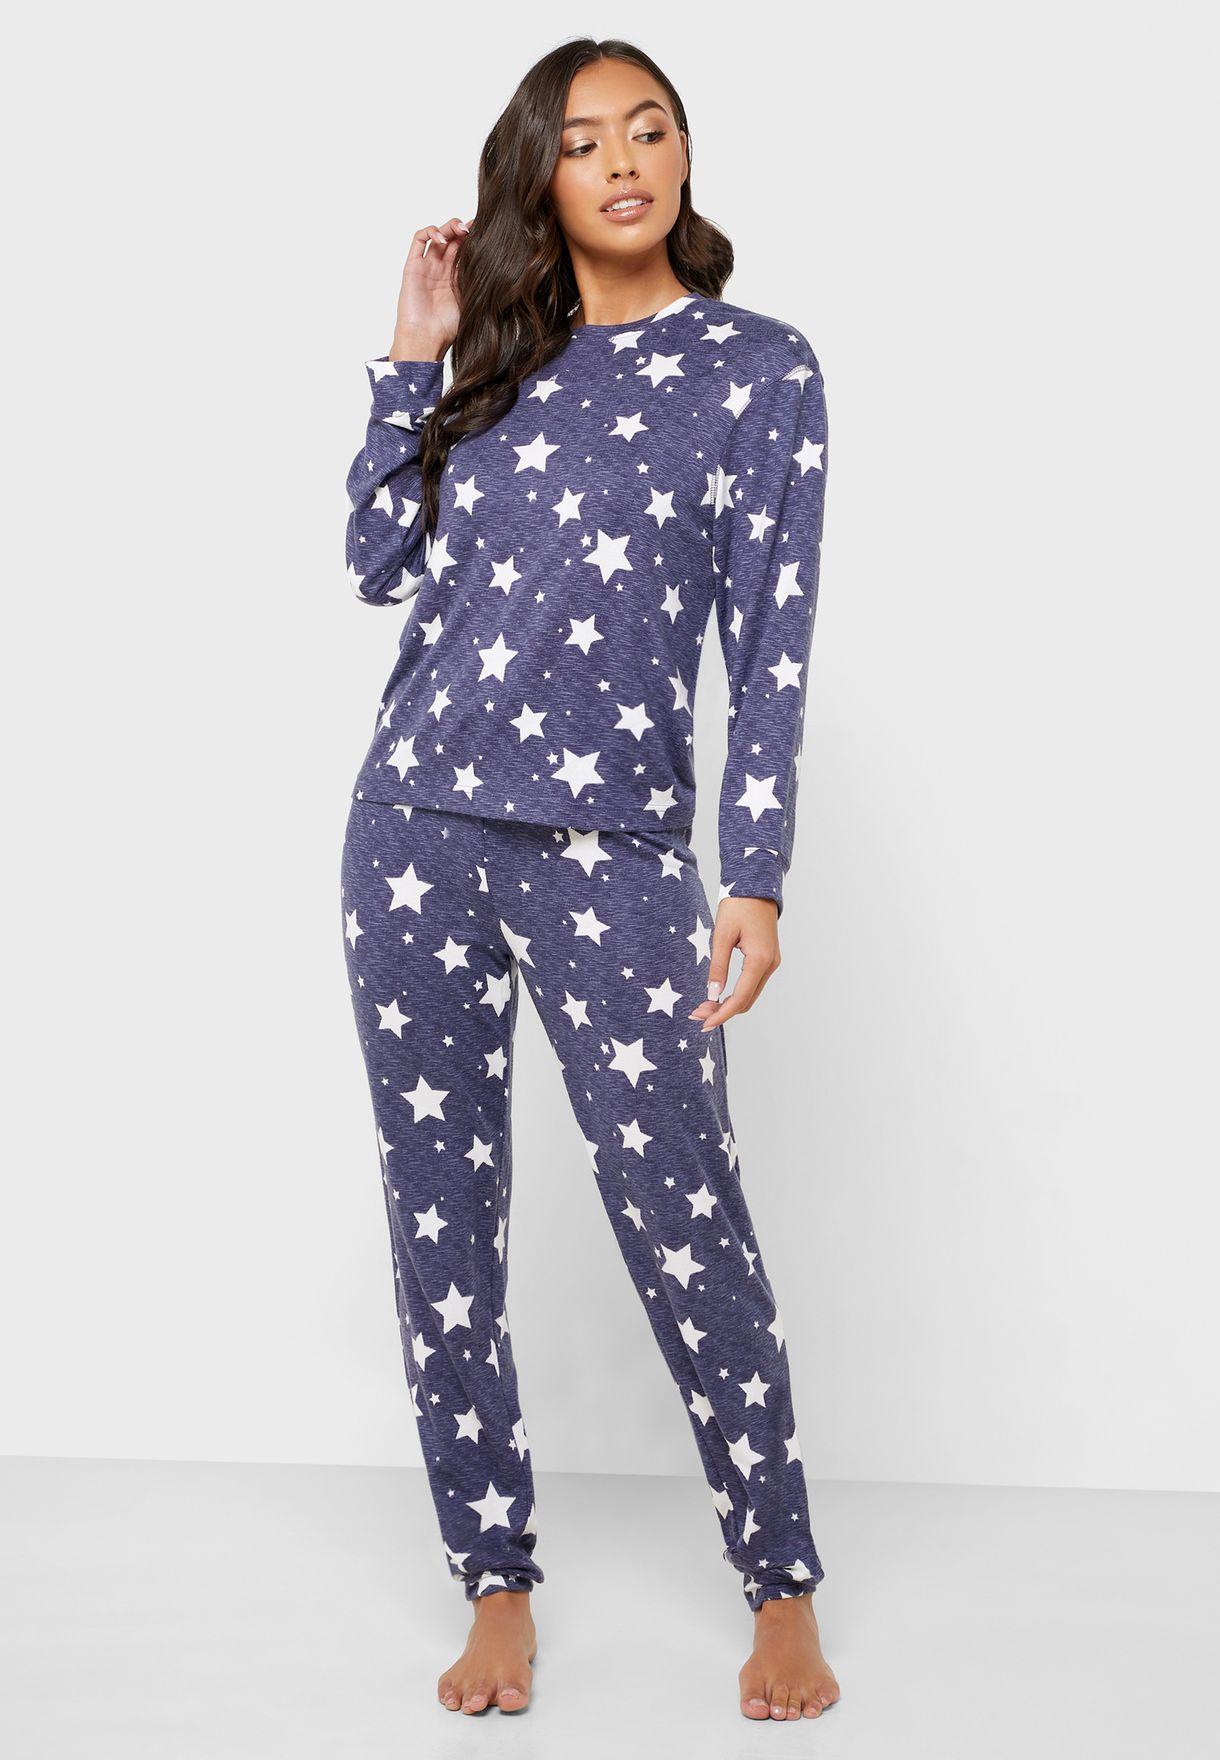 Star Print Top & Pyjama Set